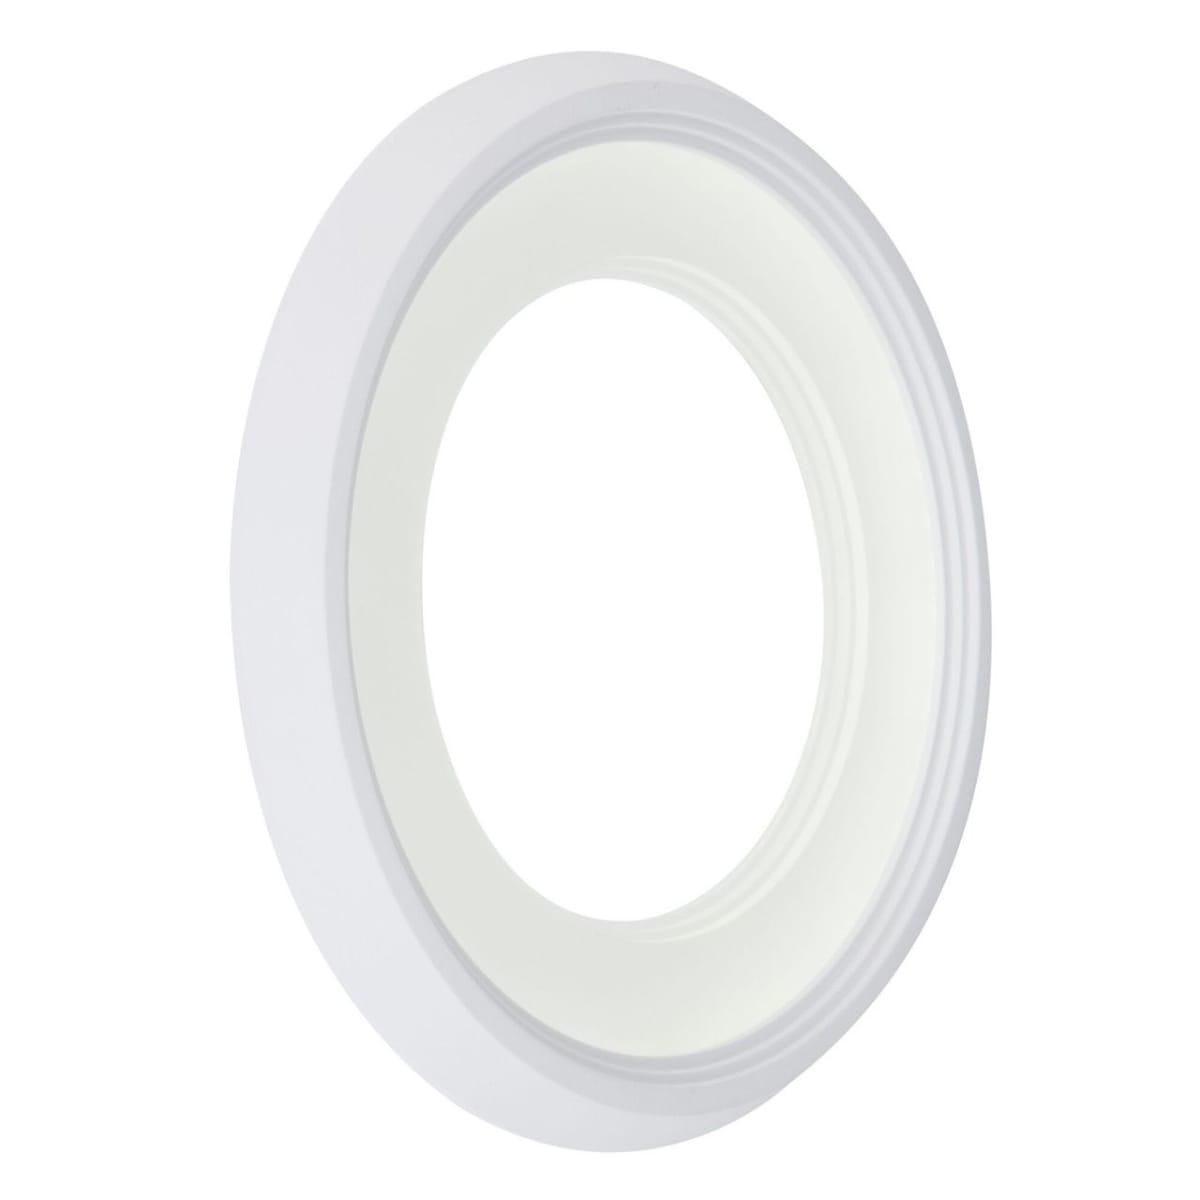 Бра светодиодный Freya Blis FR6010WL-L18W, 18 W холодный белый свет цвет белый